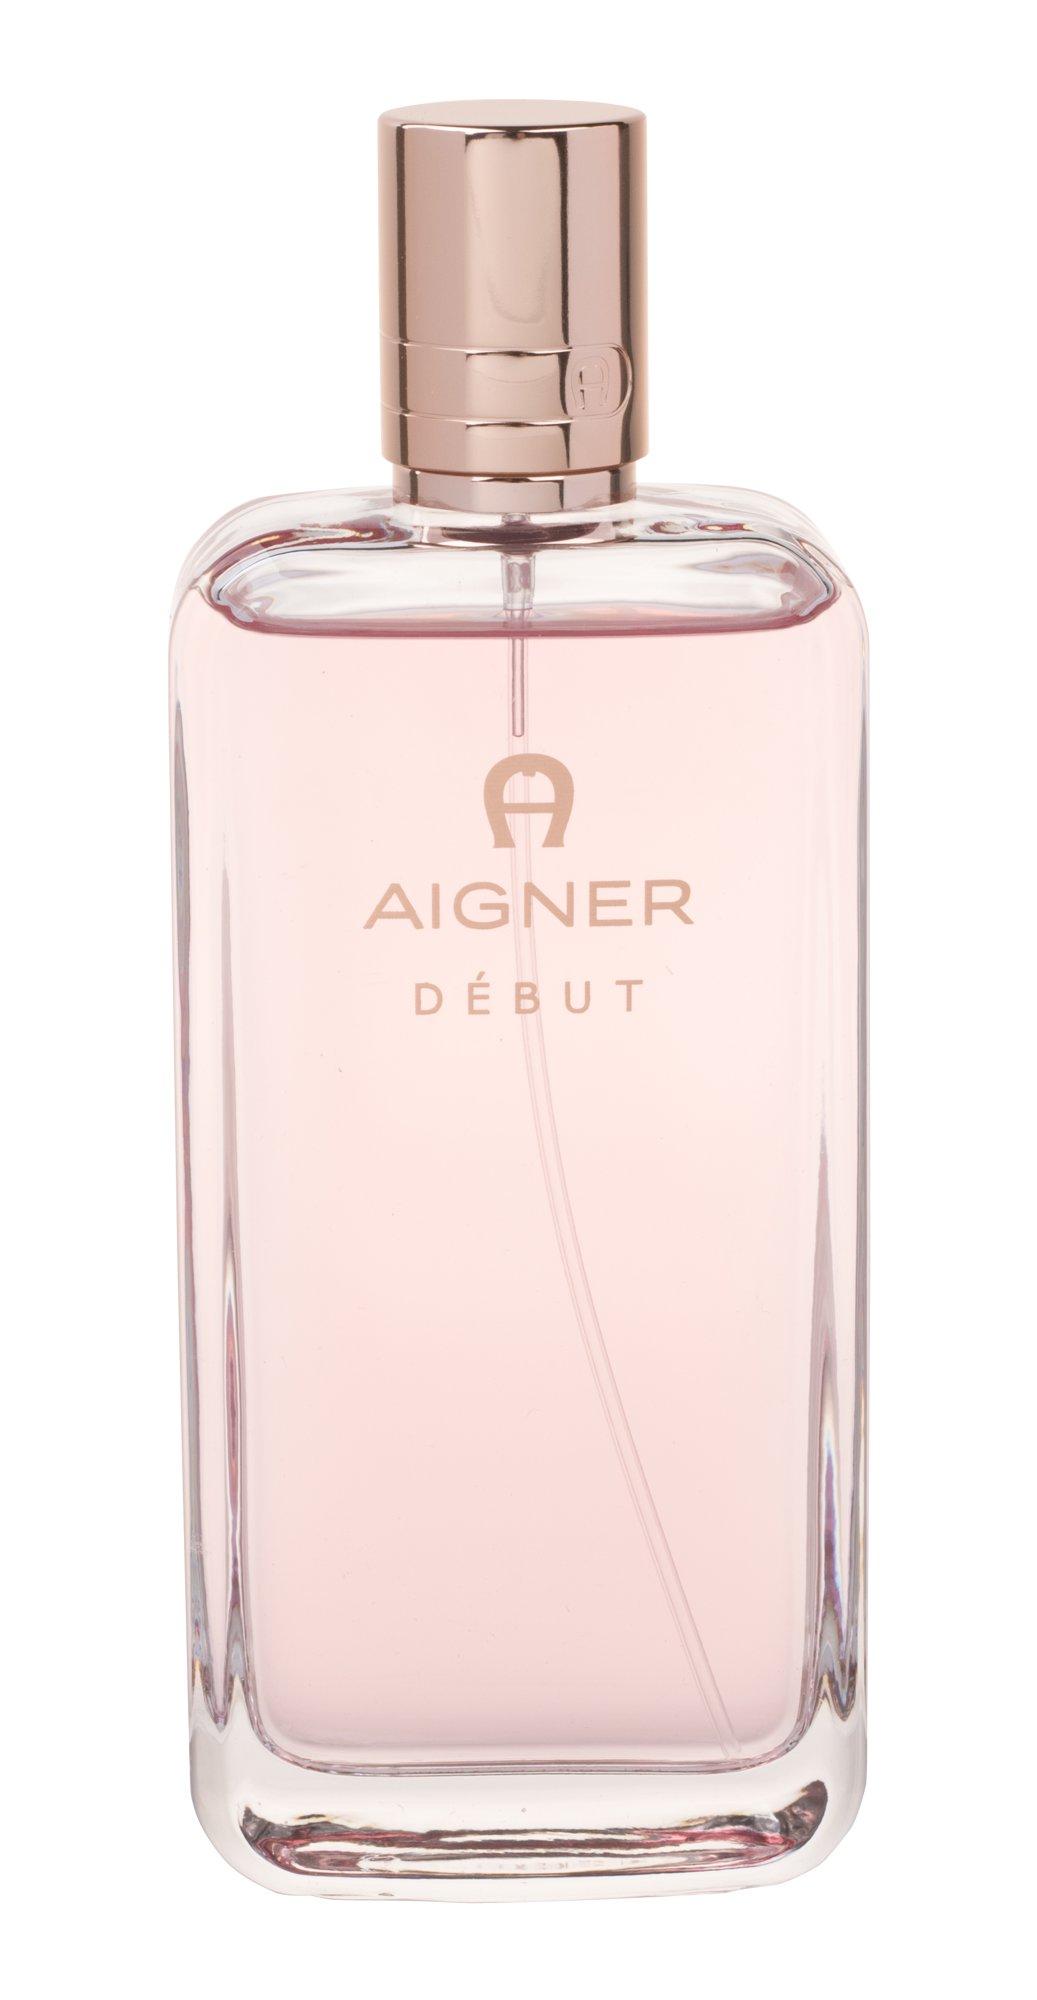 Aigner Début, Parfumovaná voda 100ml